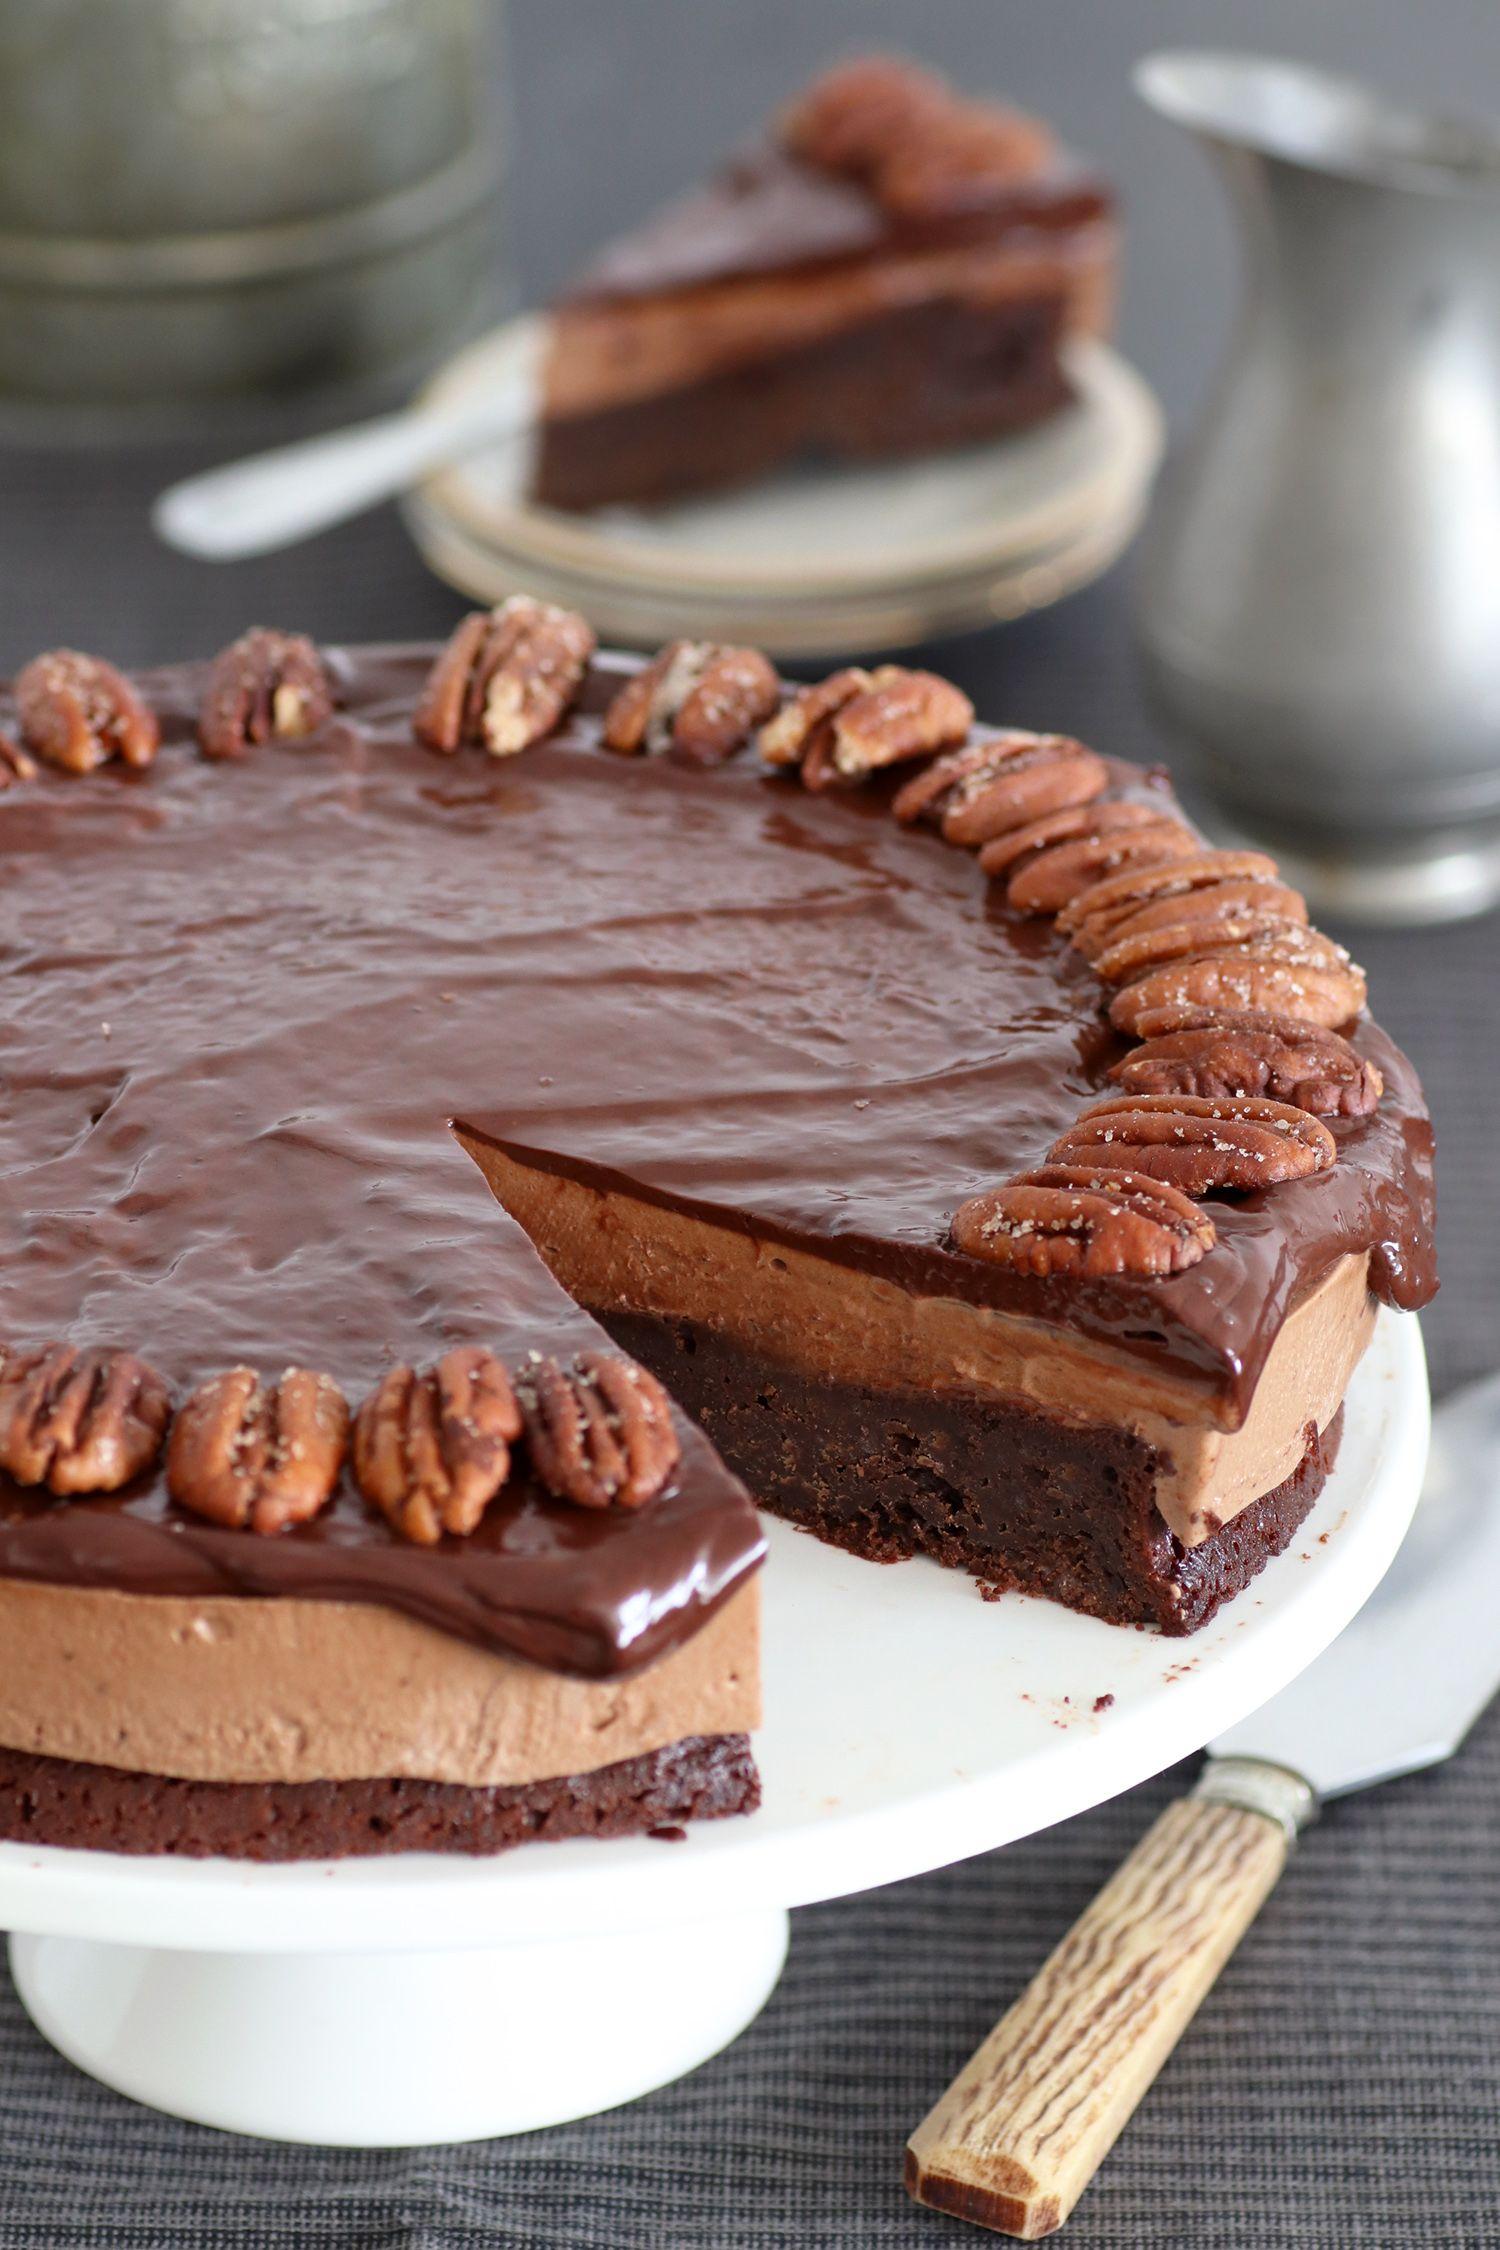 עוגת שוקולד ופקאן ללא גלוטן | צילום: נטלי לוין